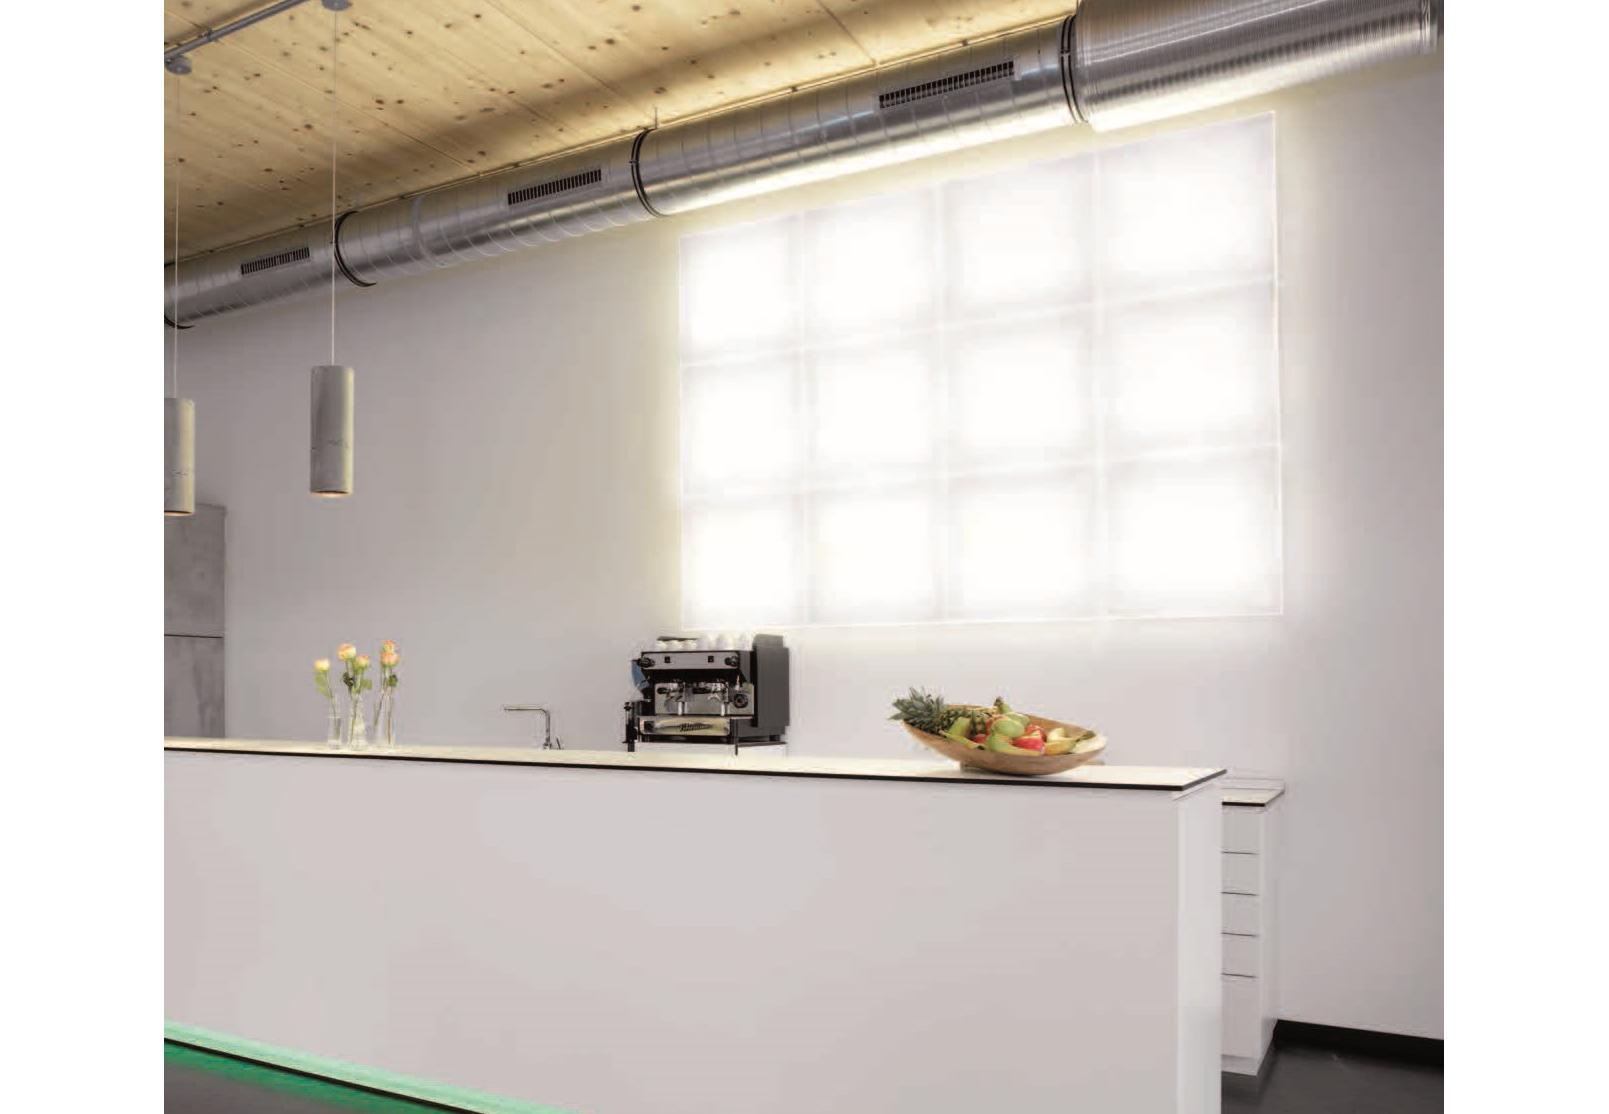 wotek de regiolux minusines. Black Bedroom Furniture Sets. Home Design Ideas